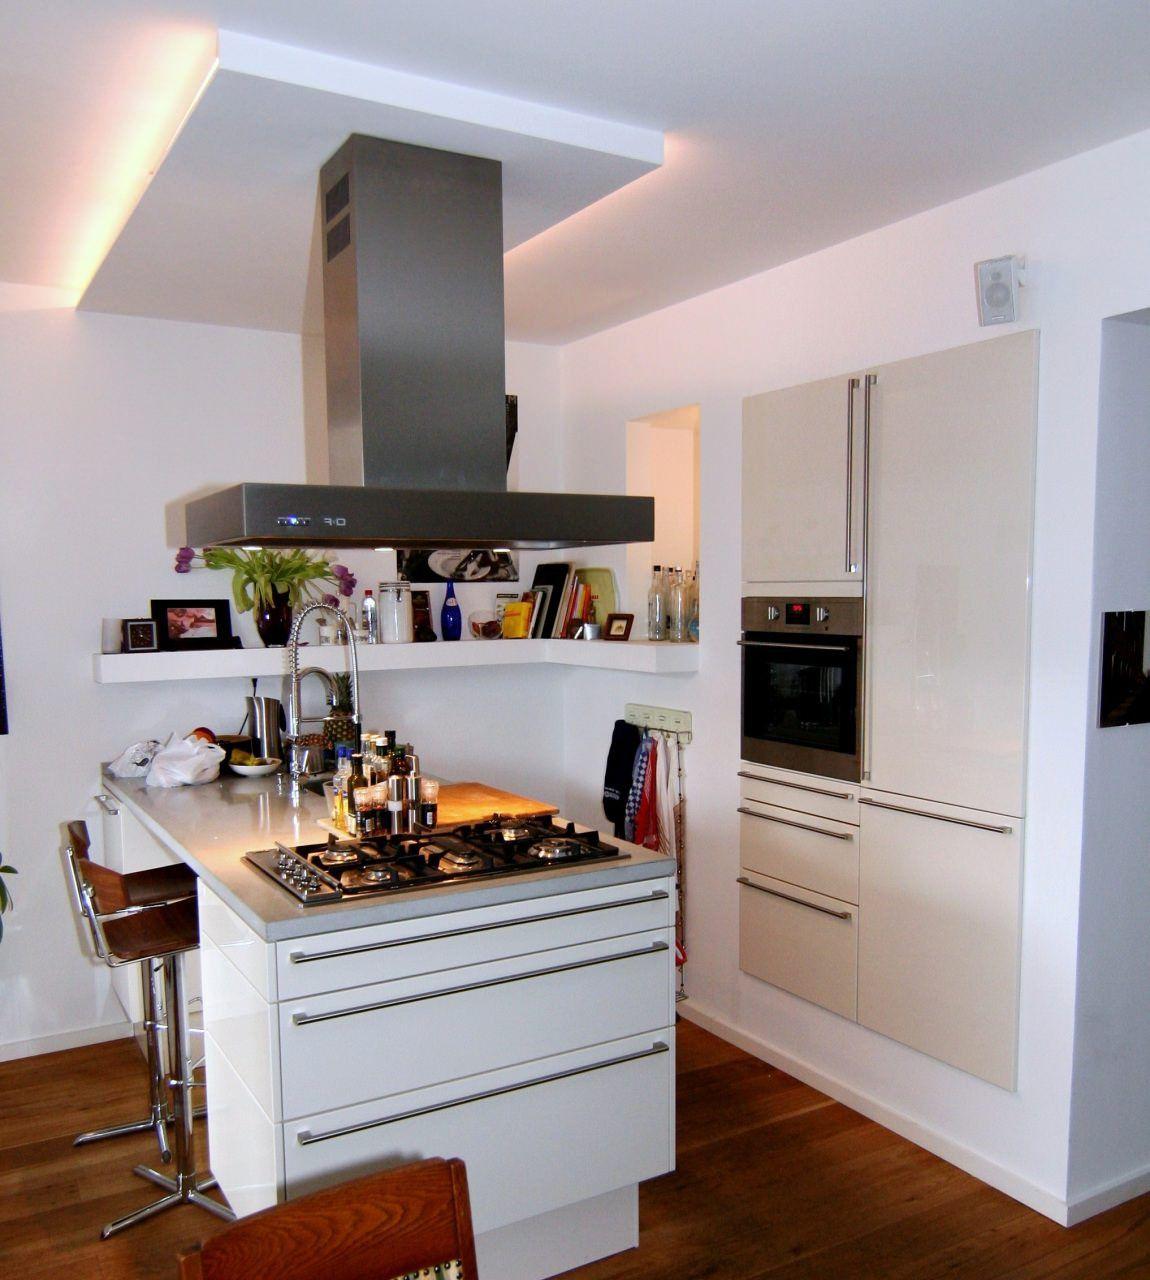 ikea kuechen ideen grossartig arbeitsplatte kueche ikea tbpmindset   Kitchen, Decor, Home decor